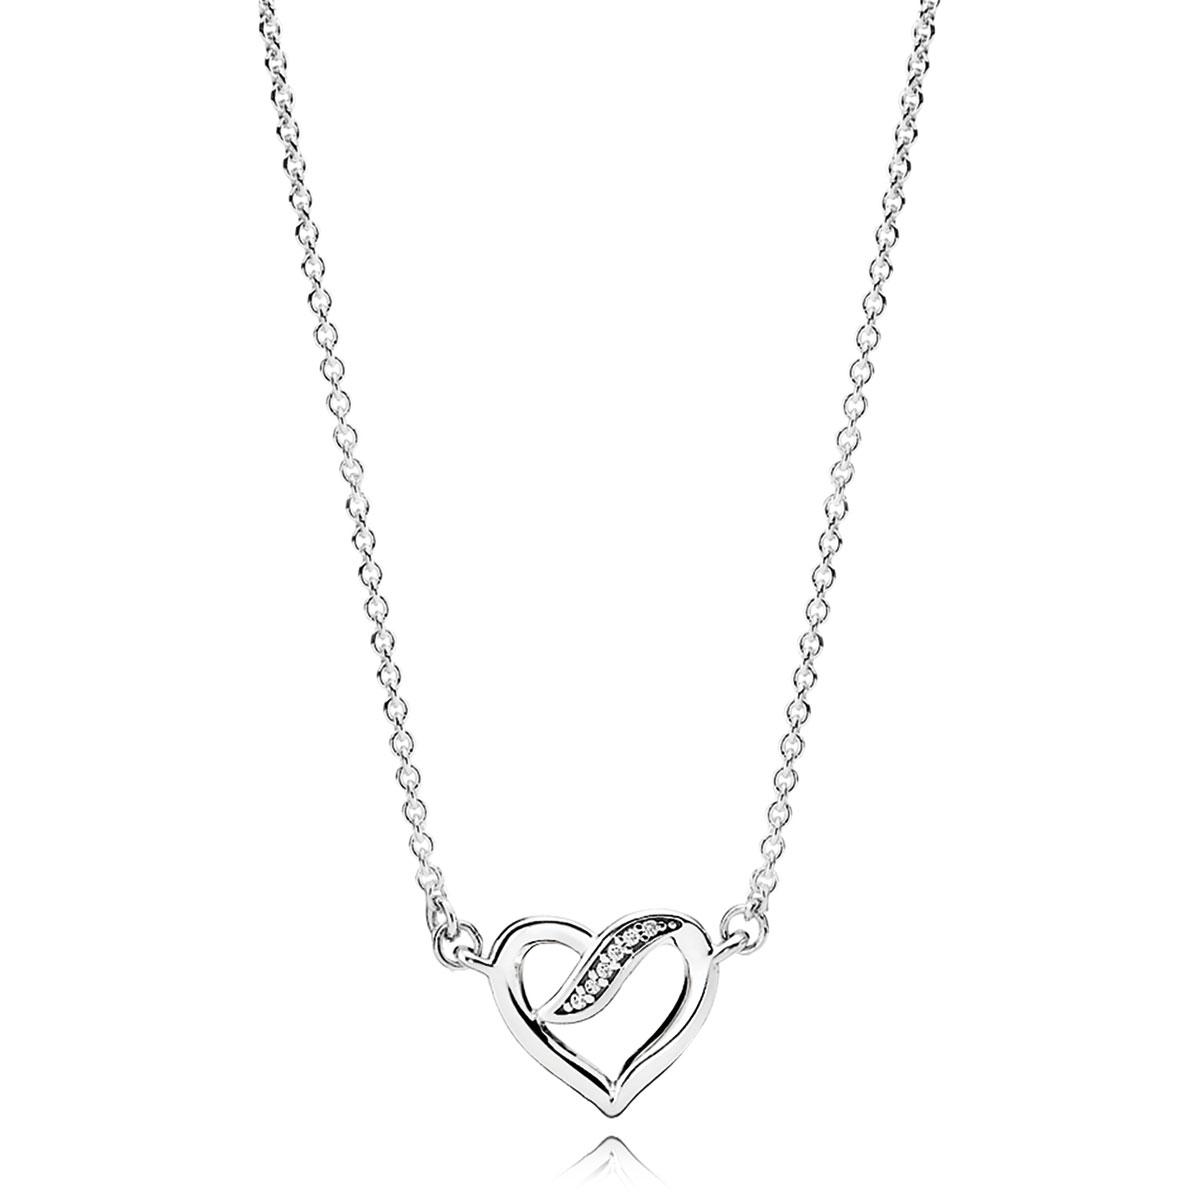 7303ec2027c PANDORA Lock Your Promise Necklace - Pancharmbracelets.com